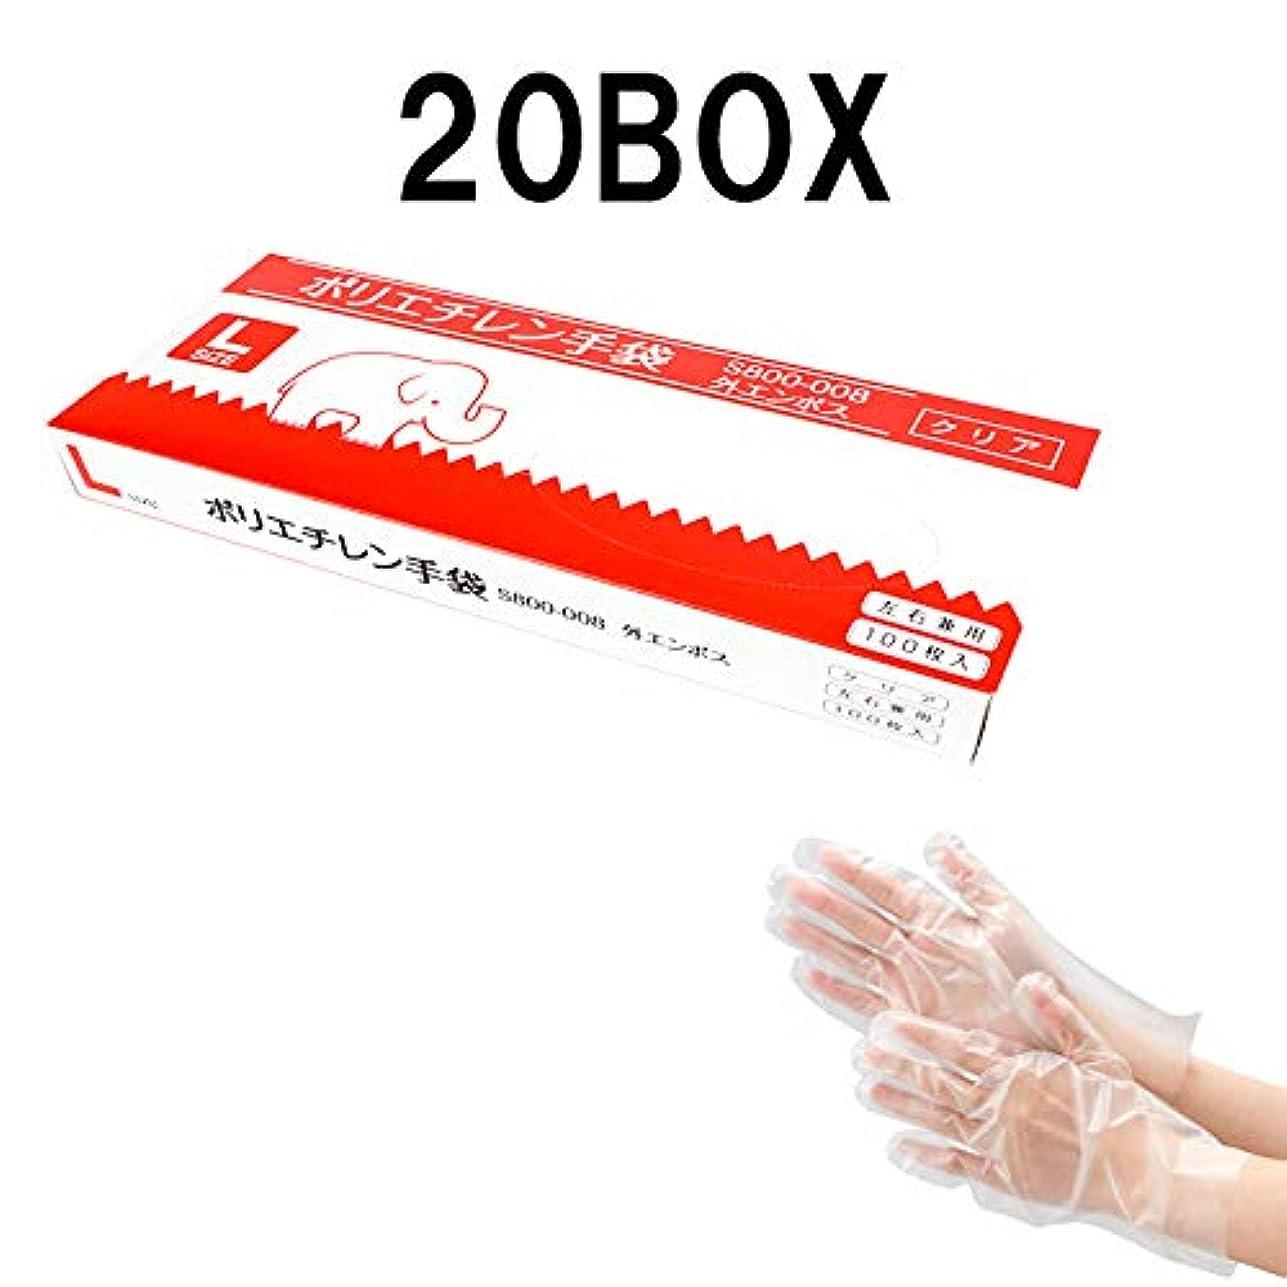 肥満過剰マキシム(2000枚) 使い捨て ポリエチレン手袋 Lサイズ 100枚入り×20BOX クリア色 左右兼用 外エンボス 食品衛生法適合品